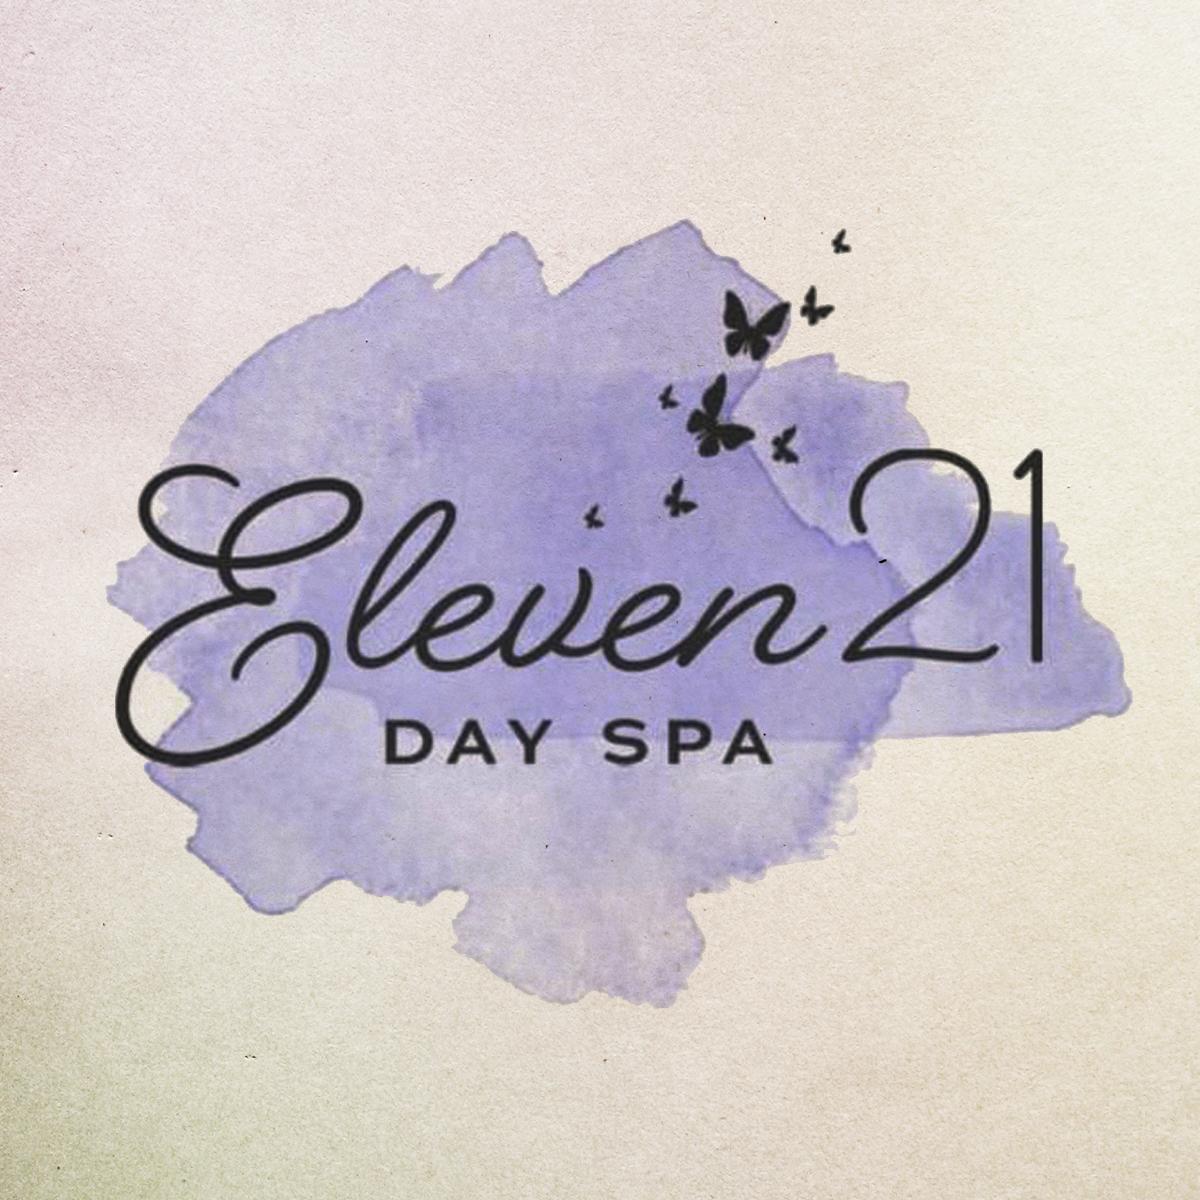 Eleven_21_Spa_Square.png